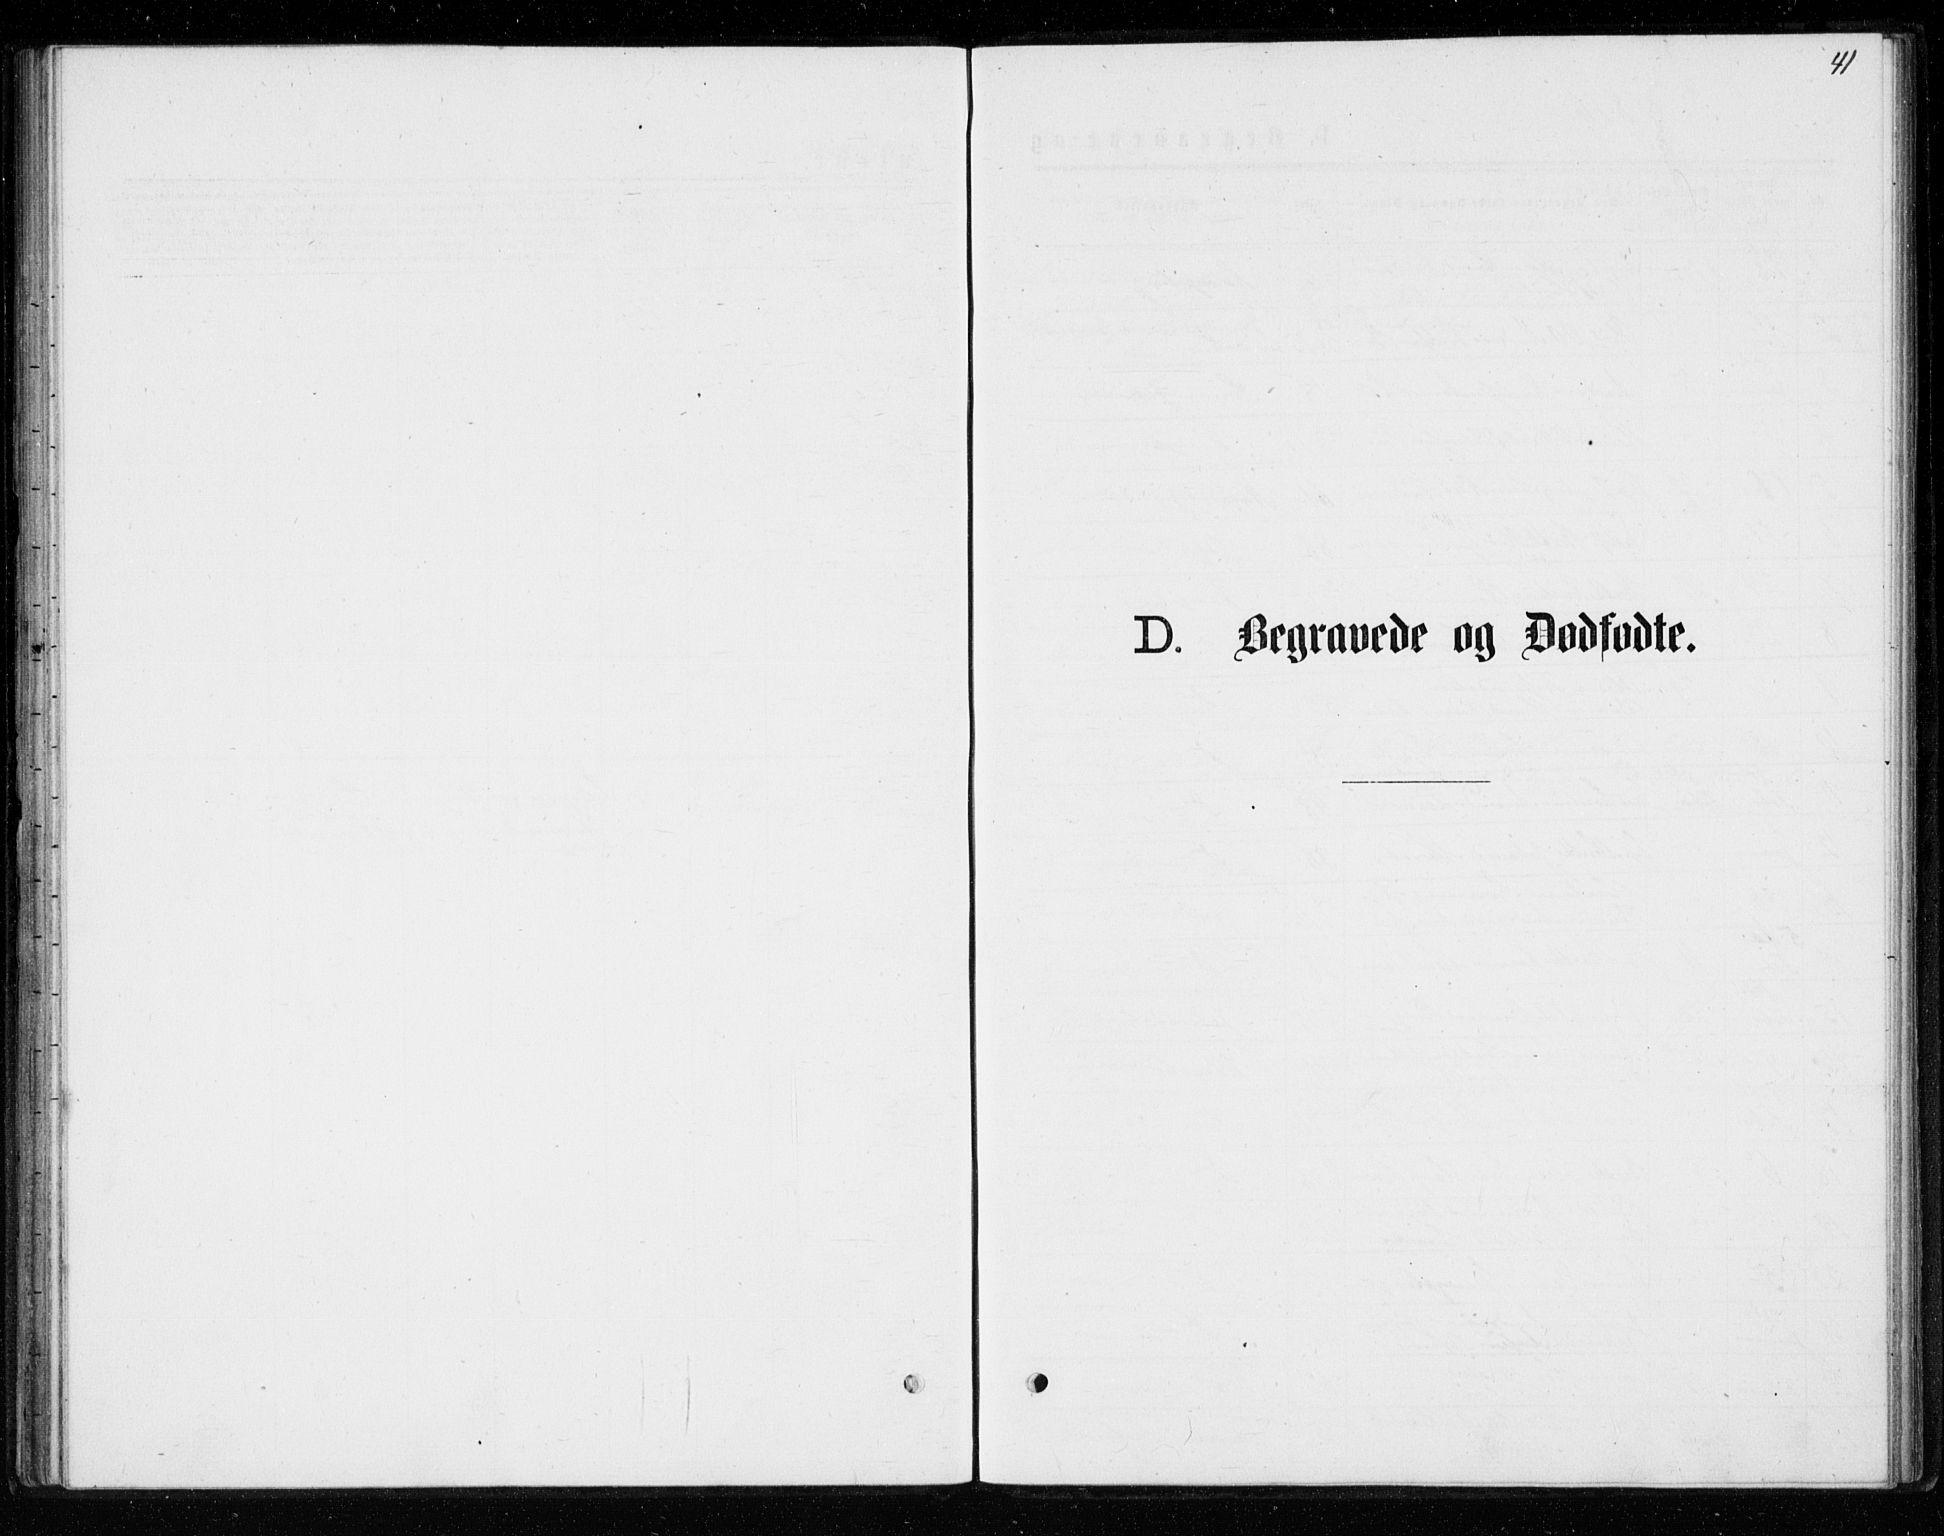 SAKO, Kongsberg kirkebøker, G/Ga/L0004: Klokkerbok nr. 4, 1876-1877, s. 41